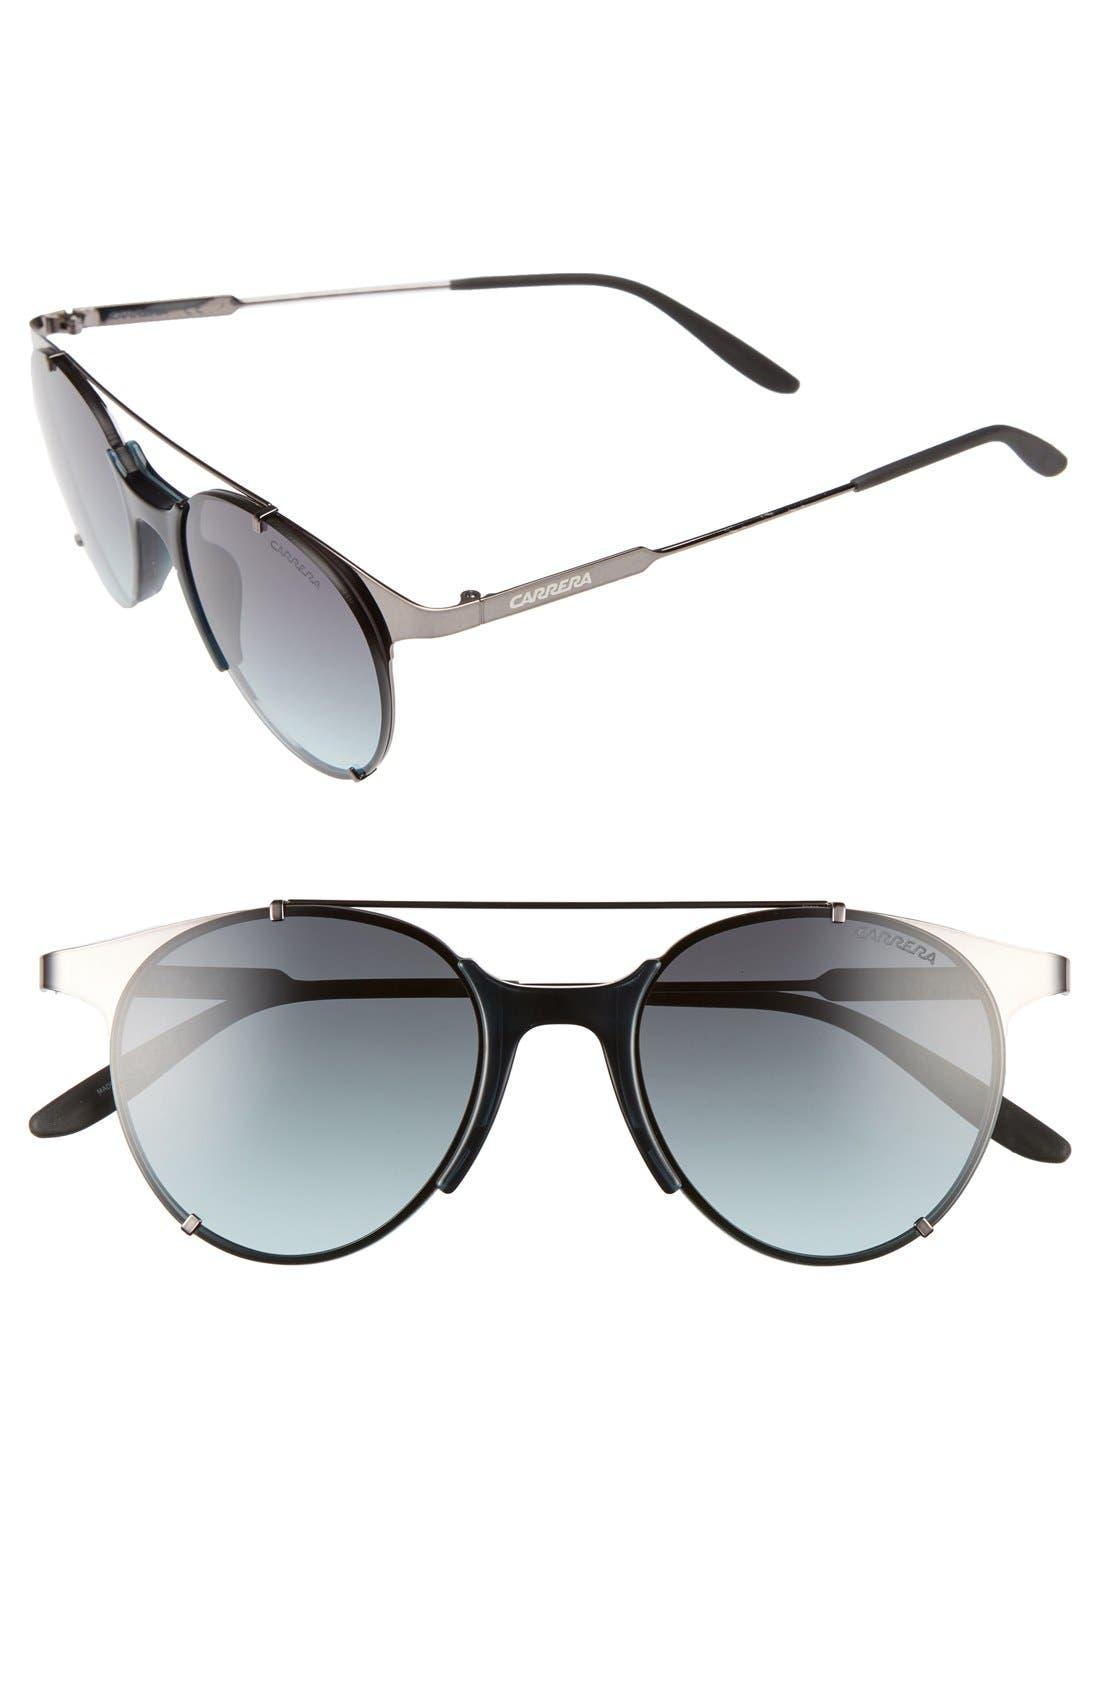 CARRERA EYEWEAR CA128/S 52mm Sunglasses